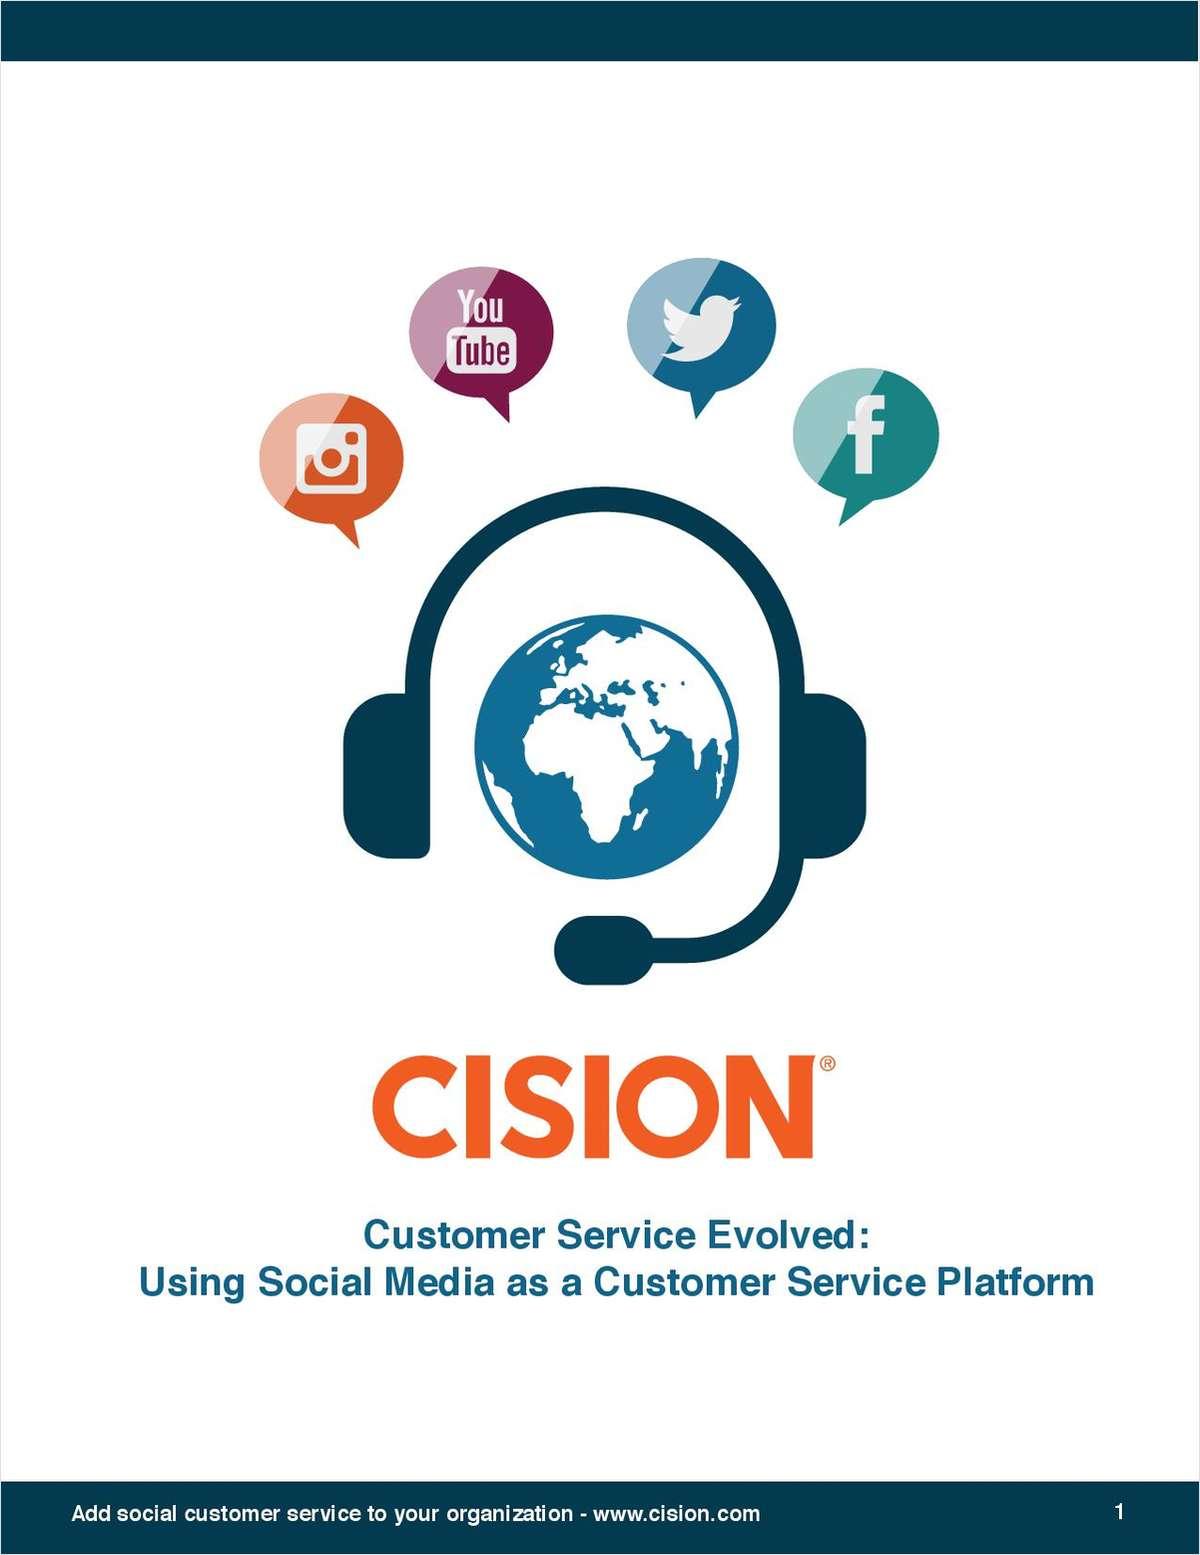 Using Social Media as a Customer Service Platform